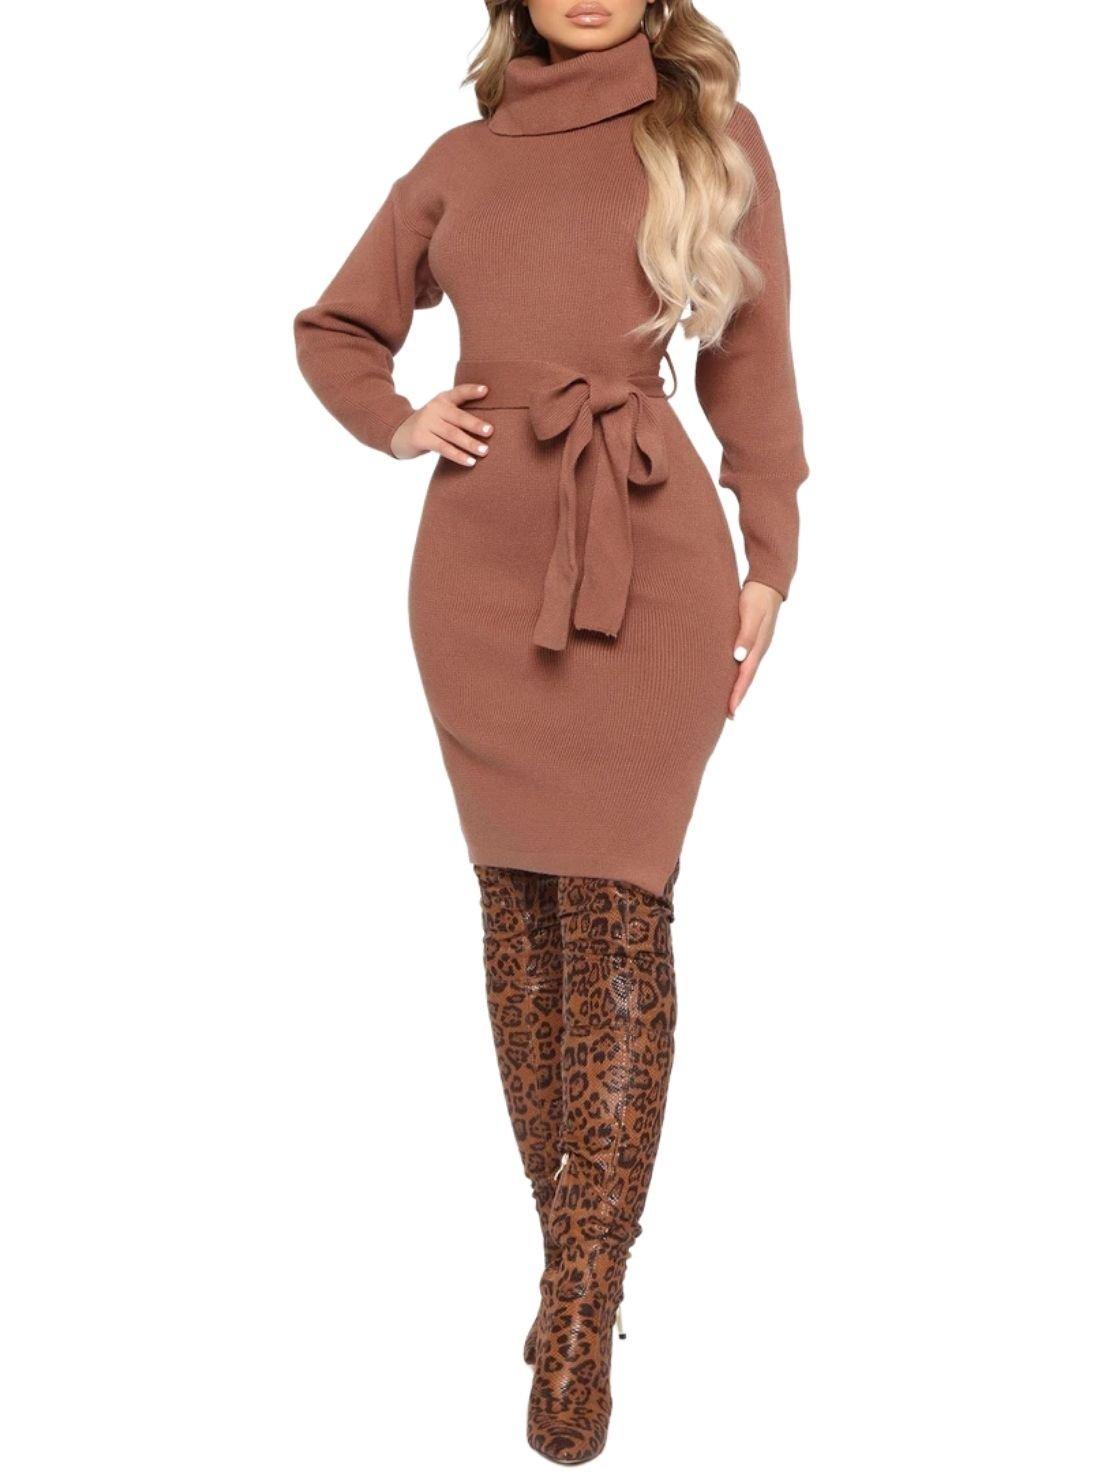 Fashion Wholesale Sweater Dress